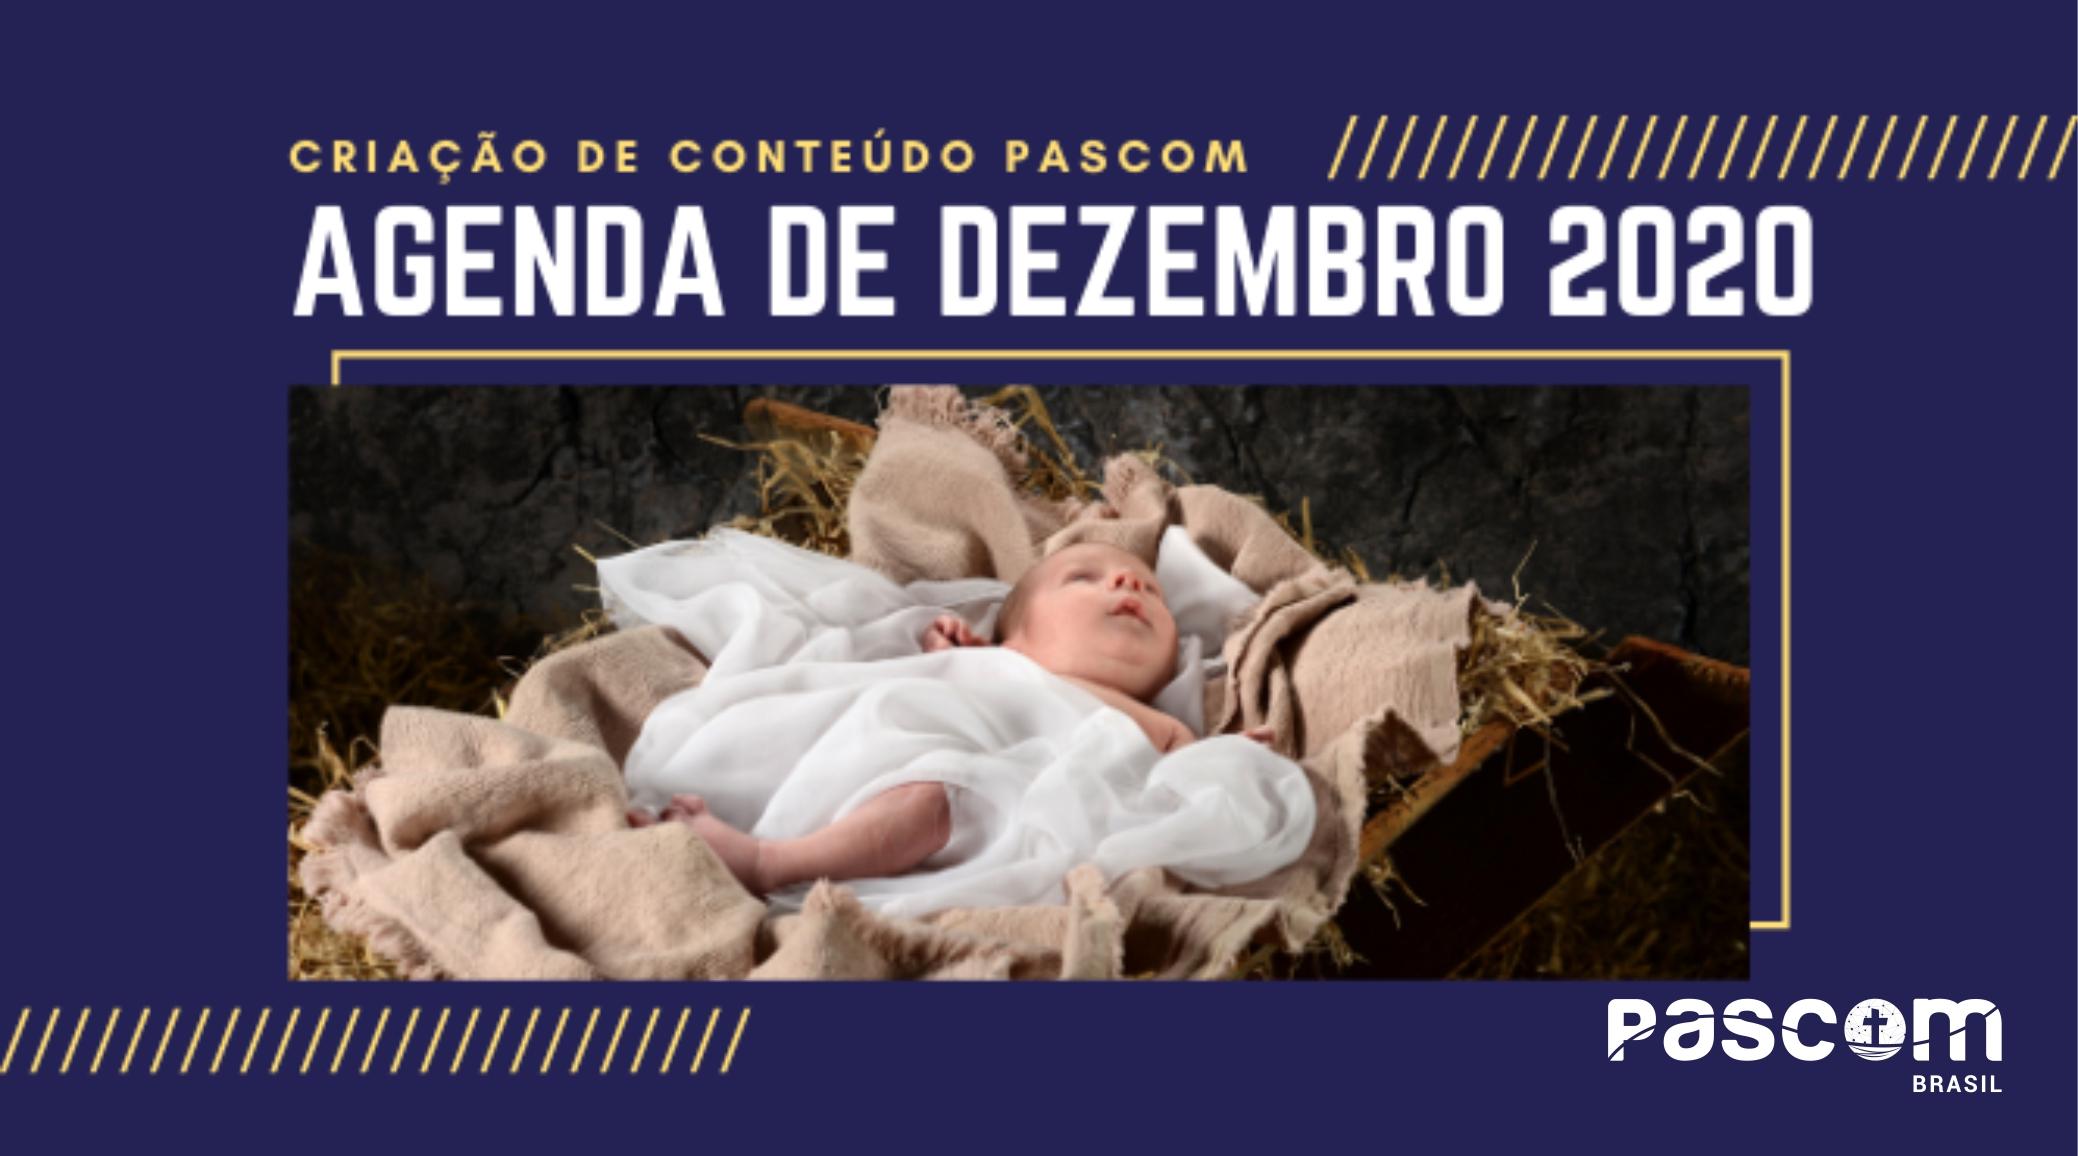 Agenda da Pascom: confira as dicas de Fabiano Fachini para o mês de dezembro